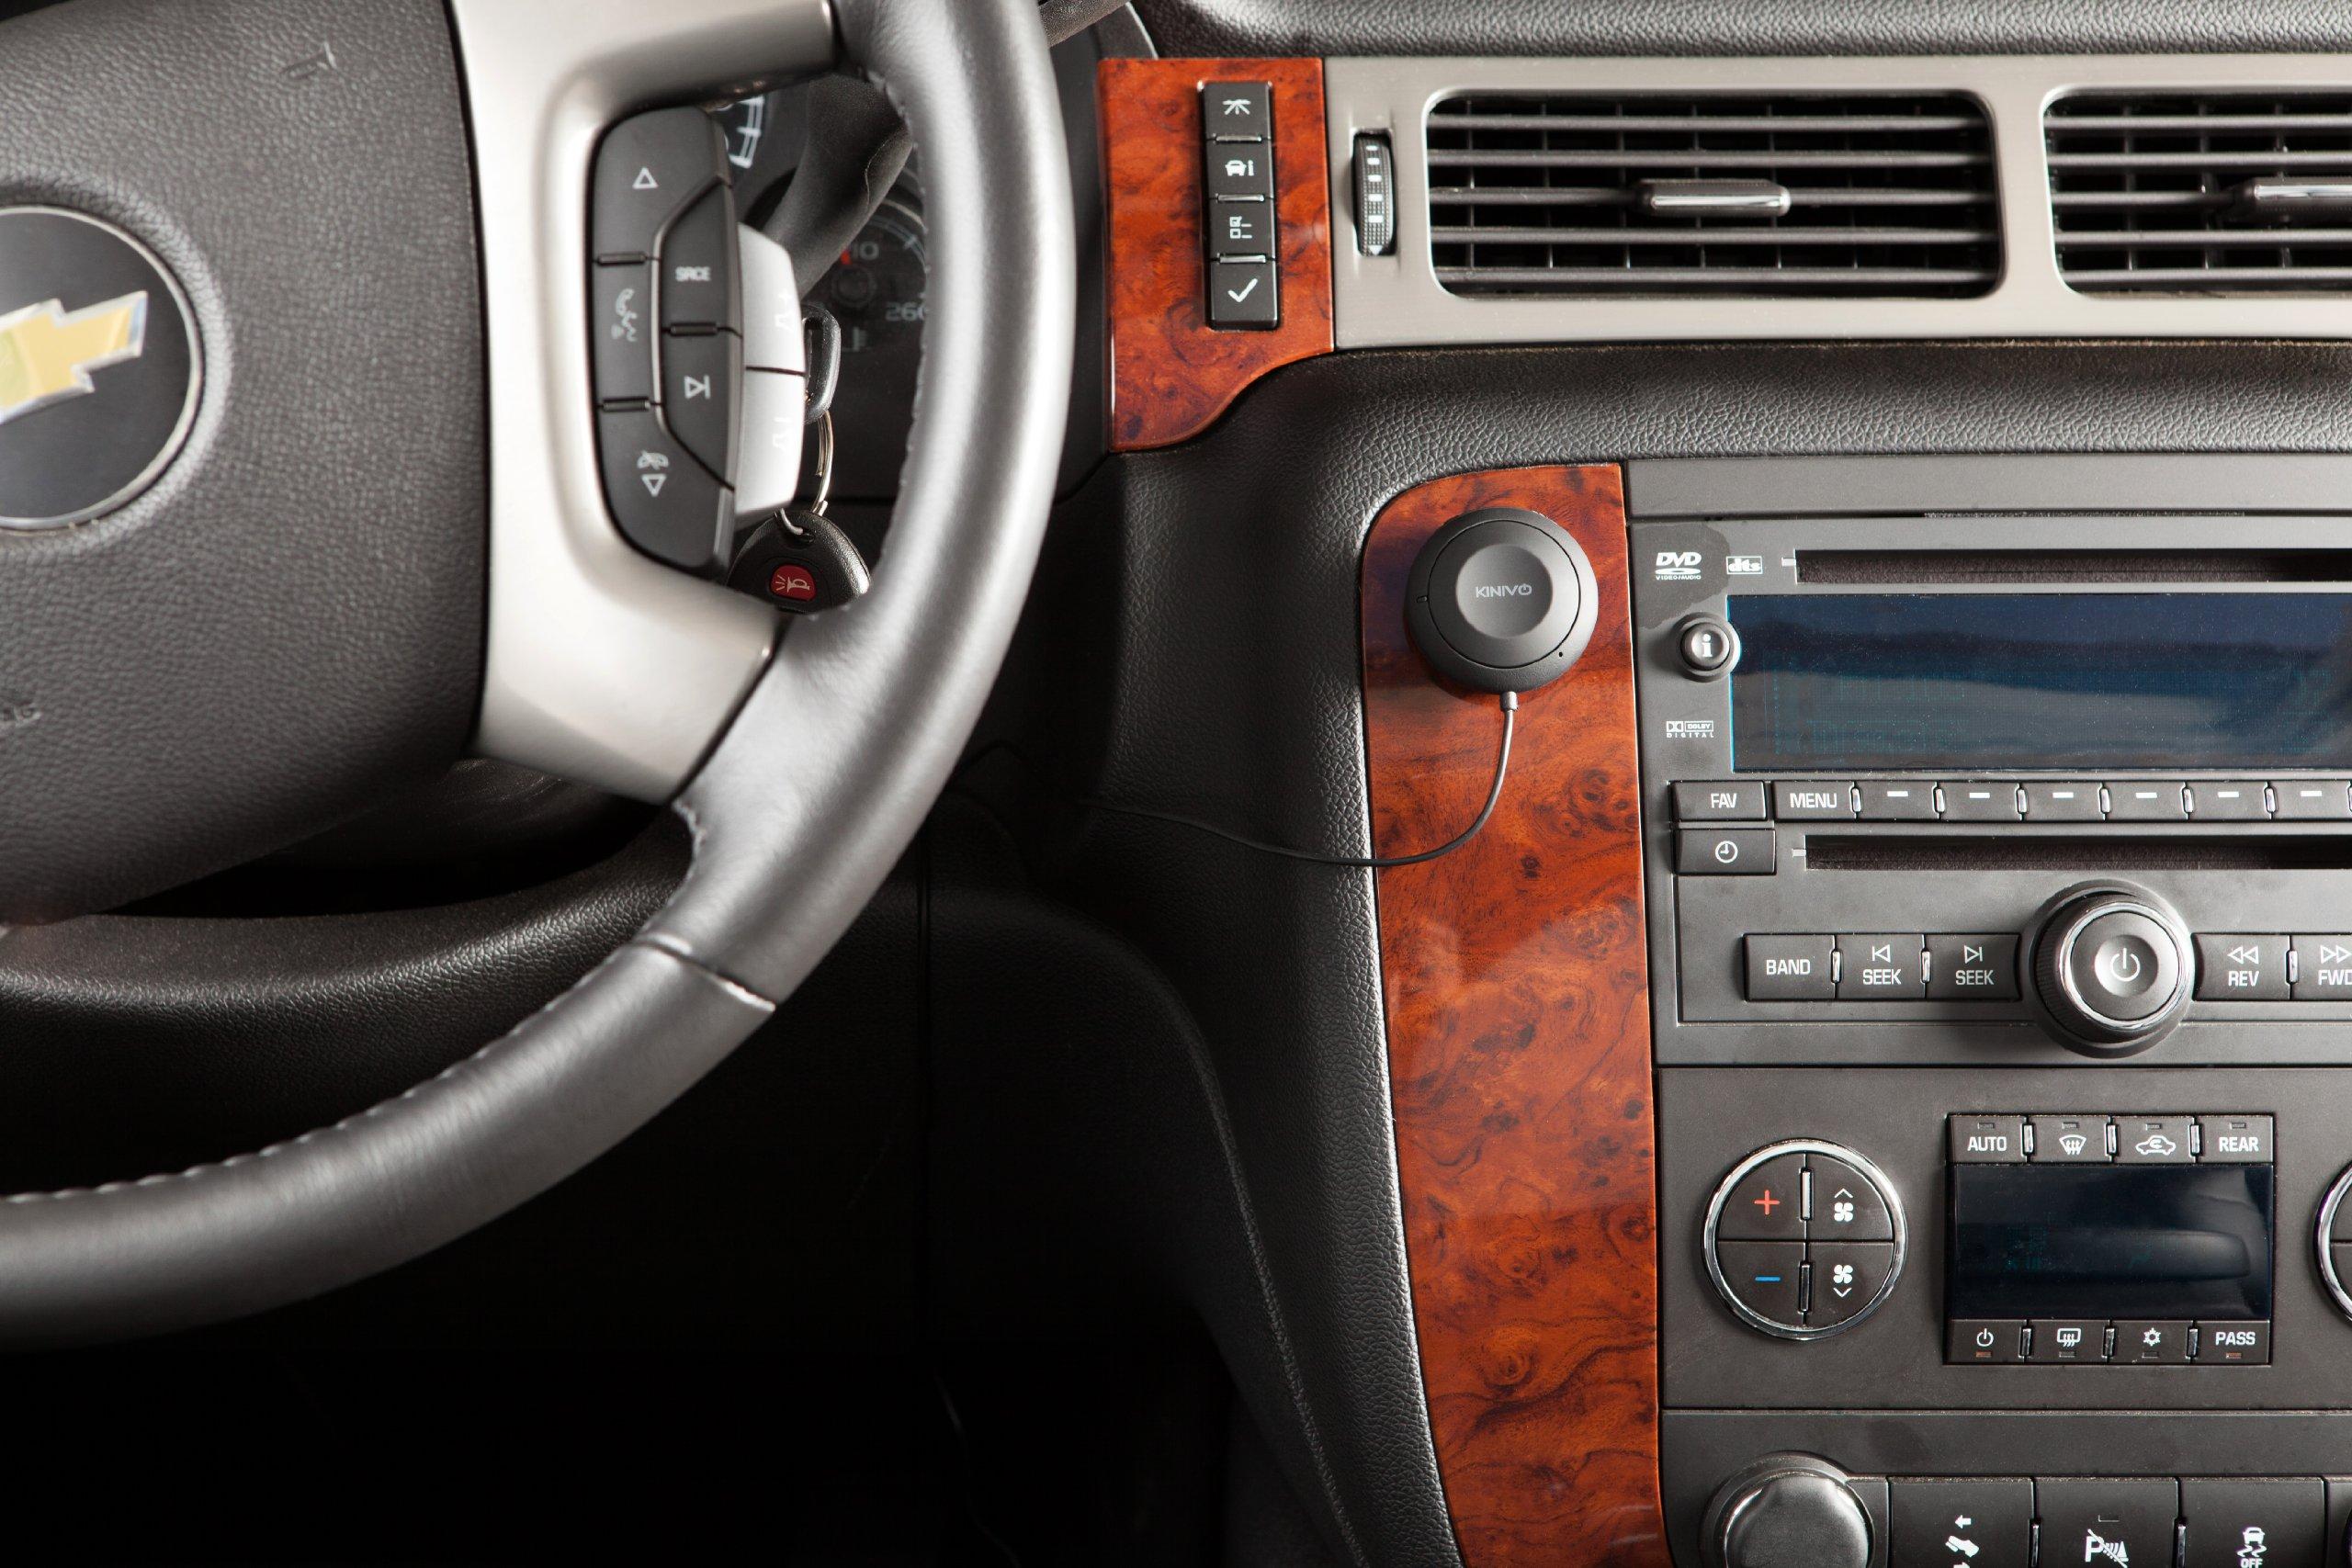 Kinivo-BTC455-Bluetooth-Hands-Free-Car-Kit-fr-Fahrzeuge-mit-AUX-Eingang-35-mm-Untersttzt-apt-X-und-Multi-Punkt-Konnektivitt